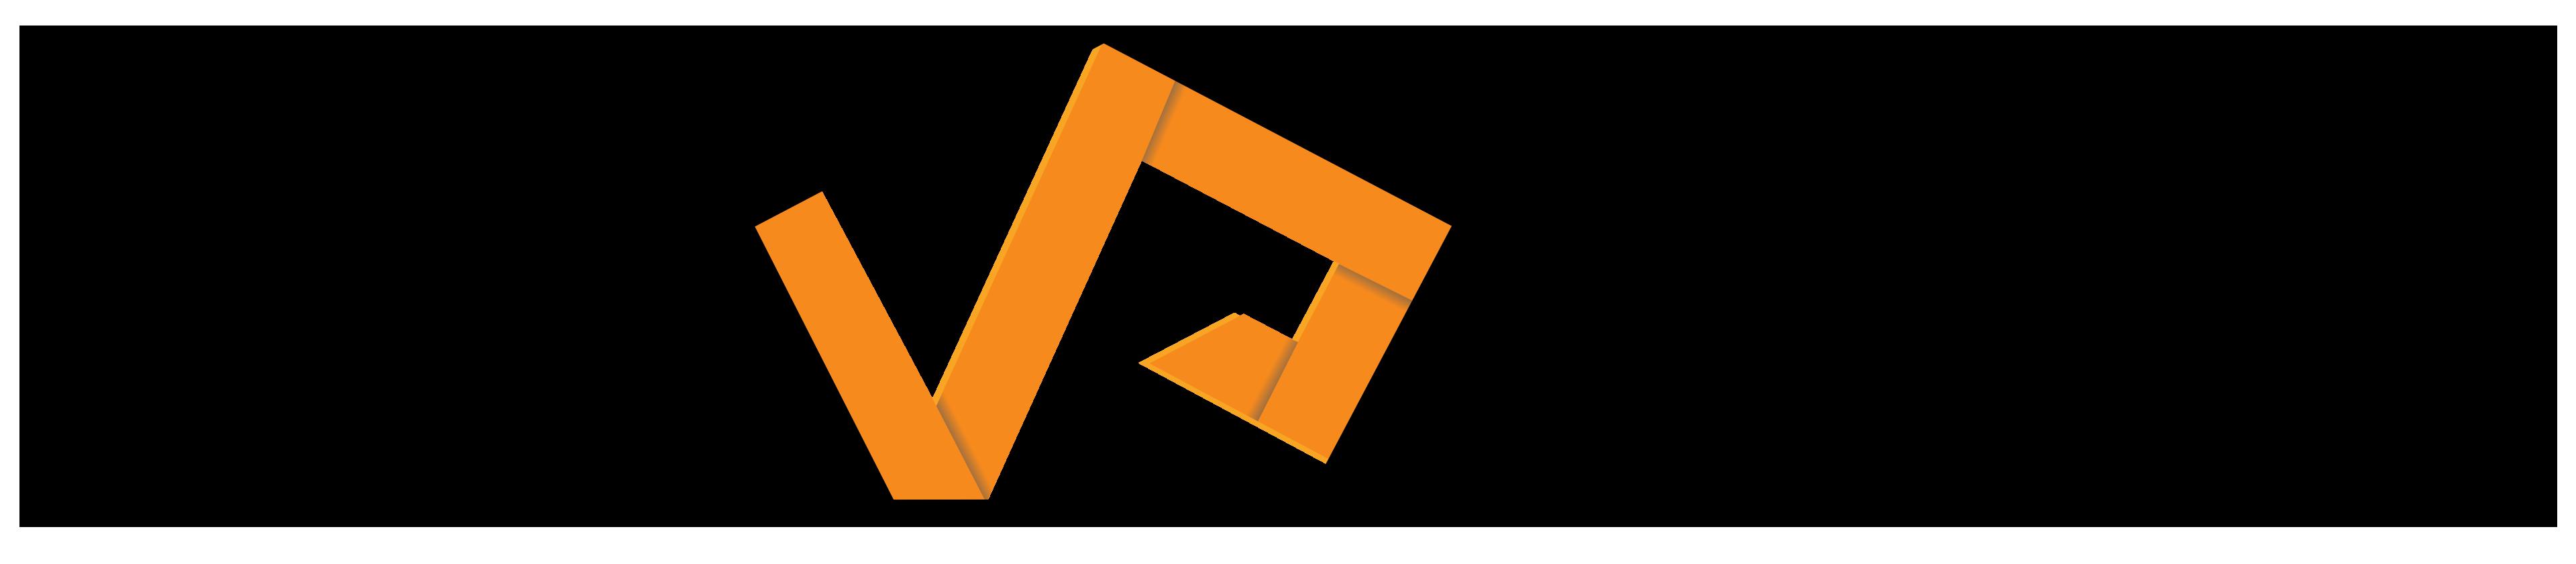 varupats logo